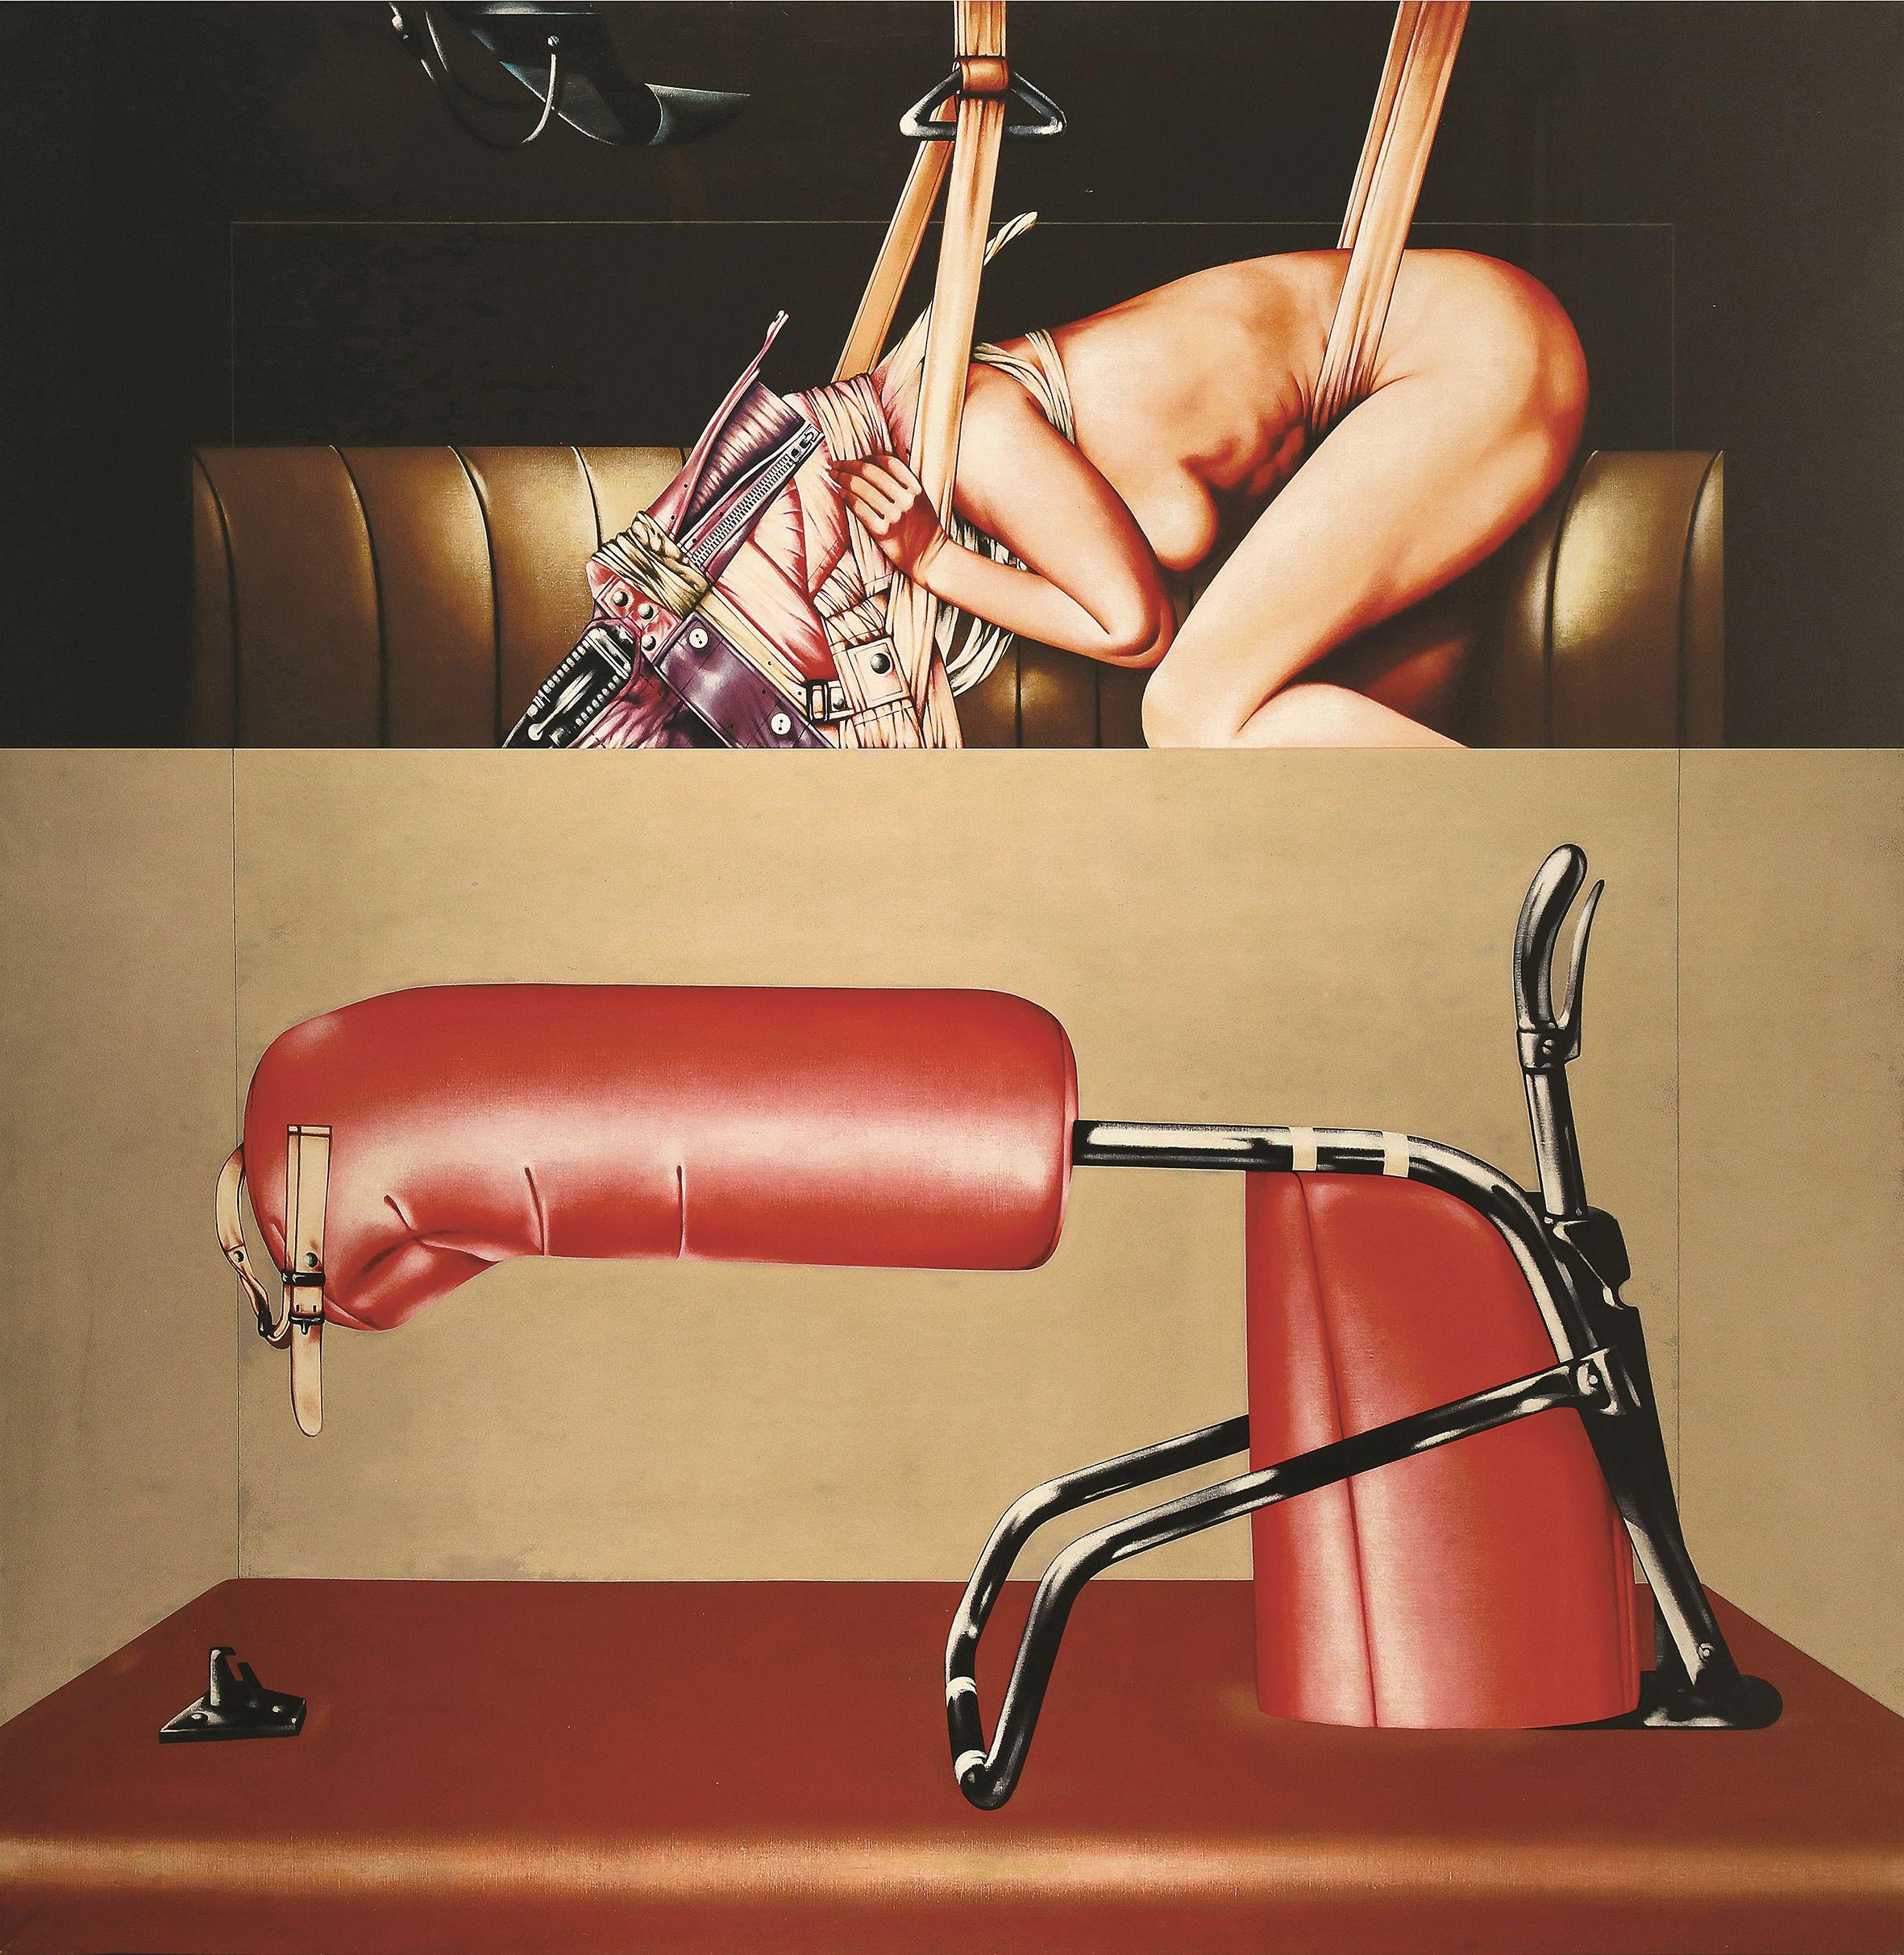 Sergio Sarri, Camera di contenzione n° 1, 1971-72, acrilico su tela, 200x200cm